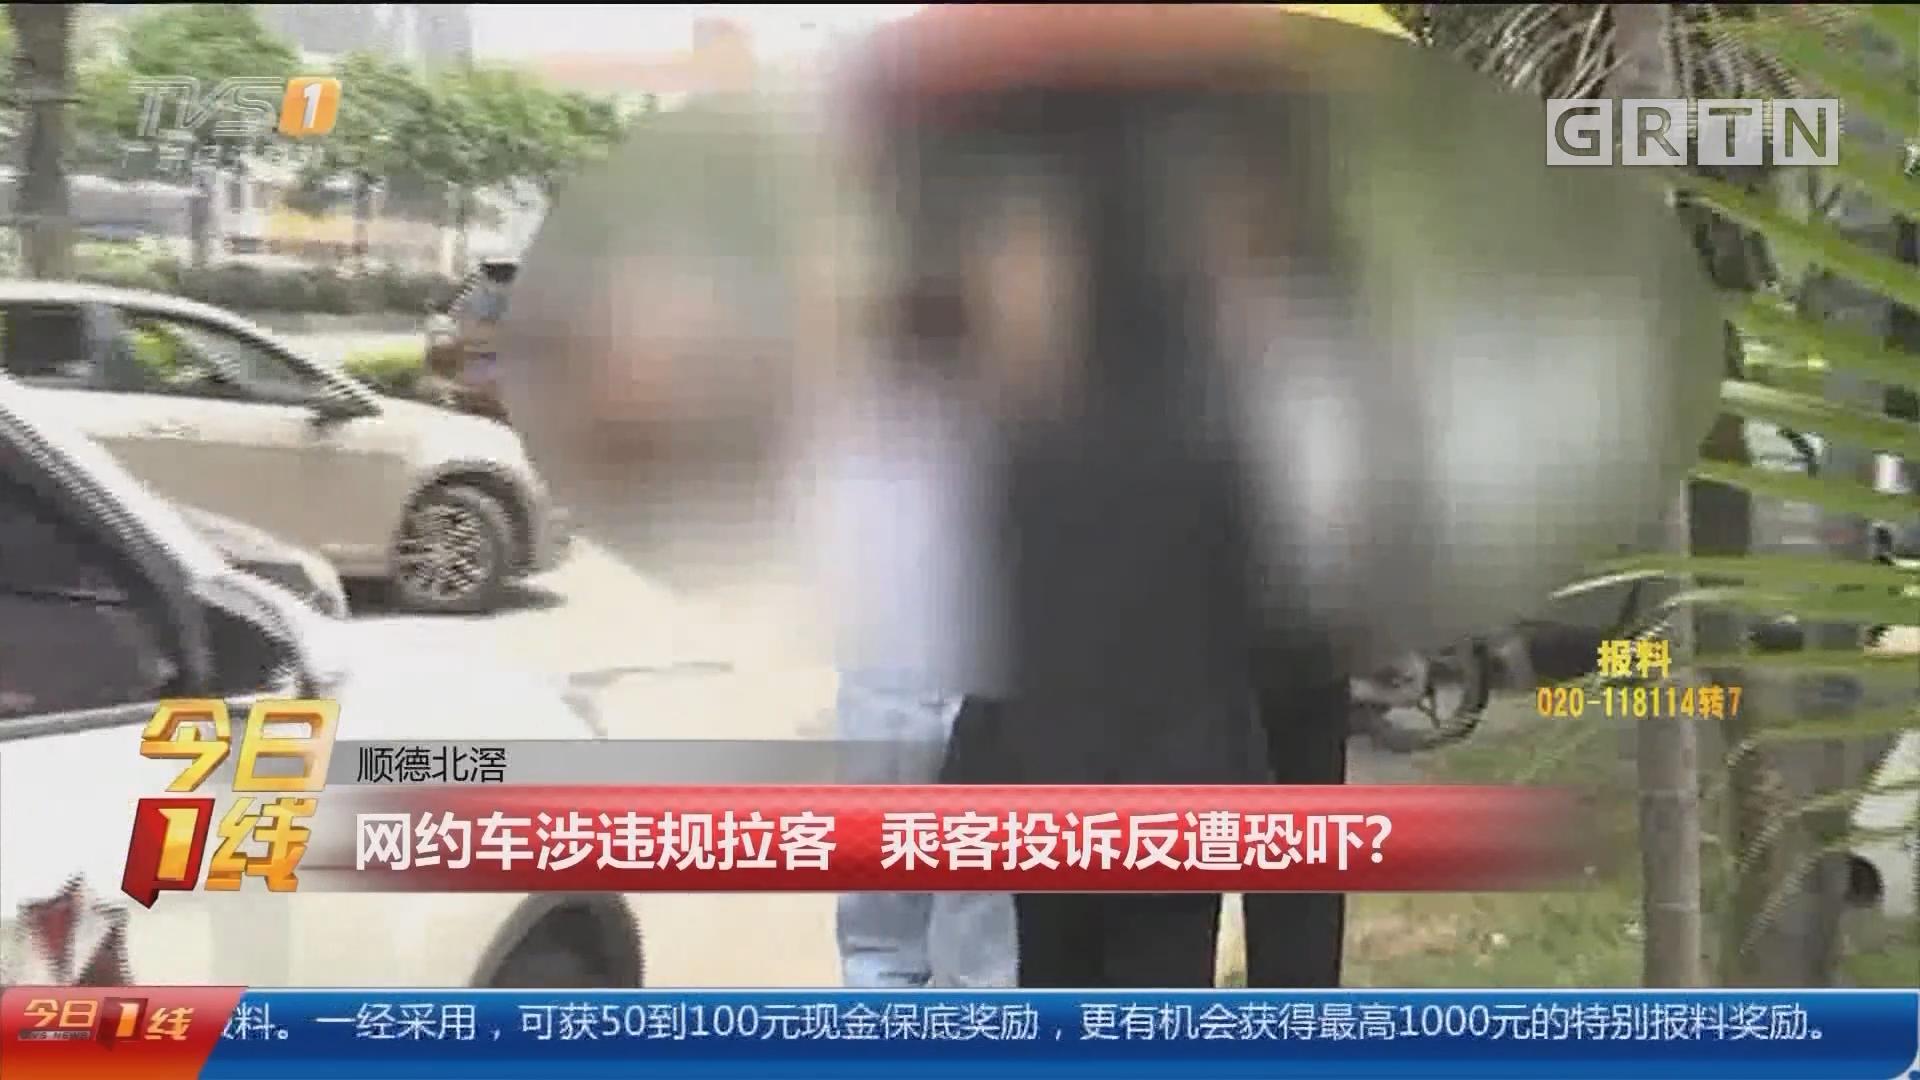 顺德北滘:网约车涉违规拉客 乘客投诉反遭恐吓?